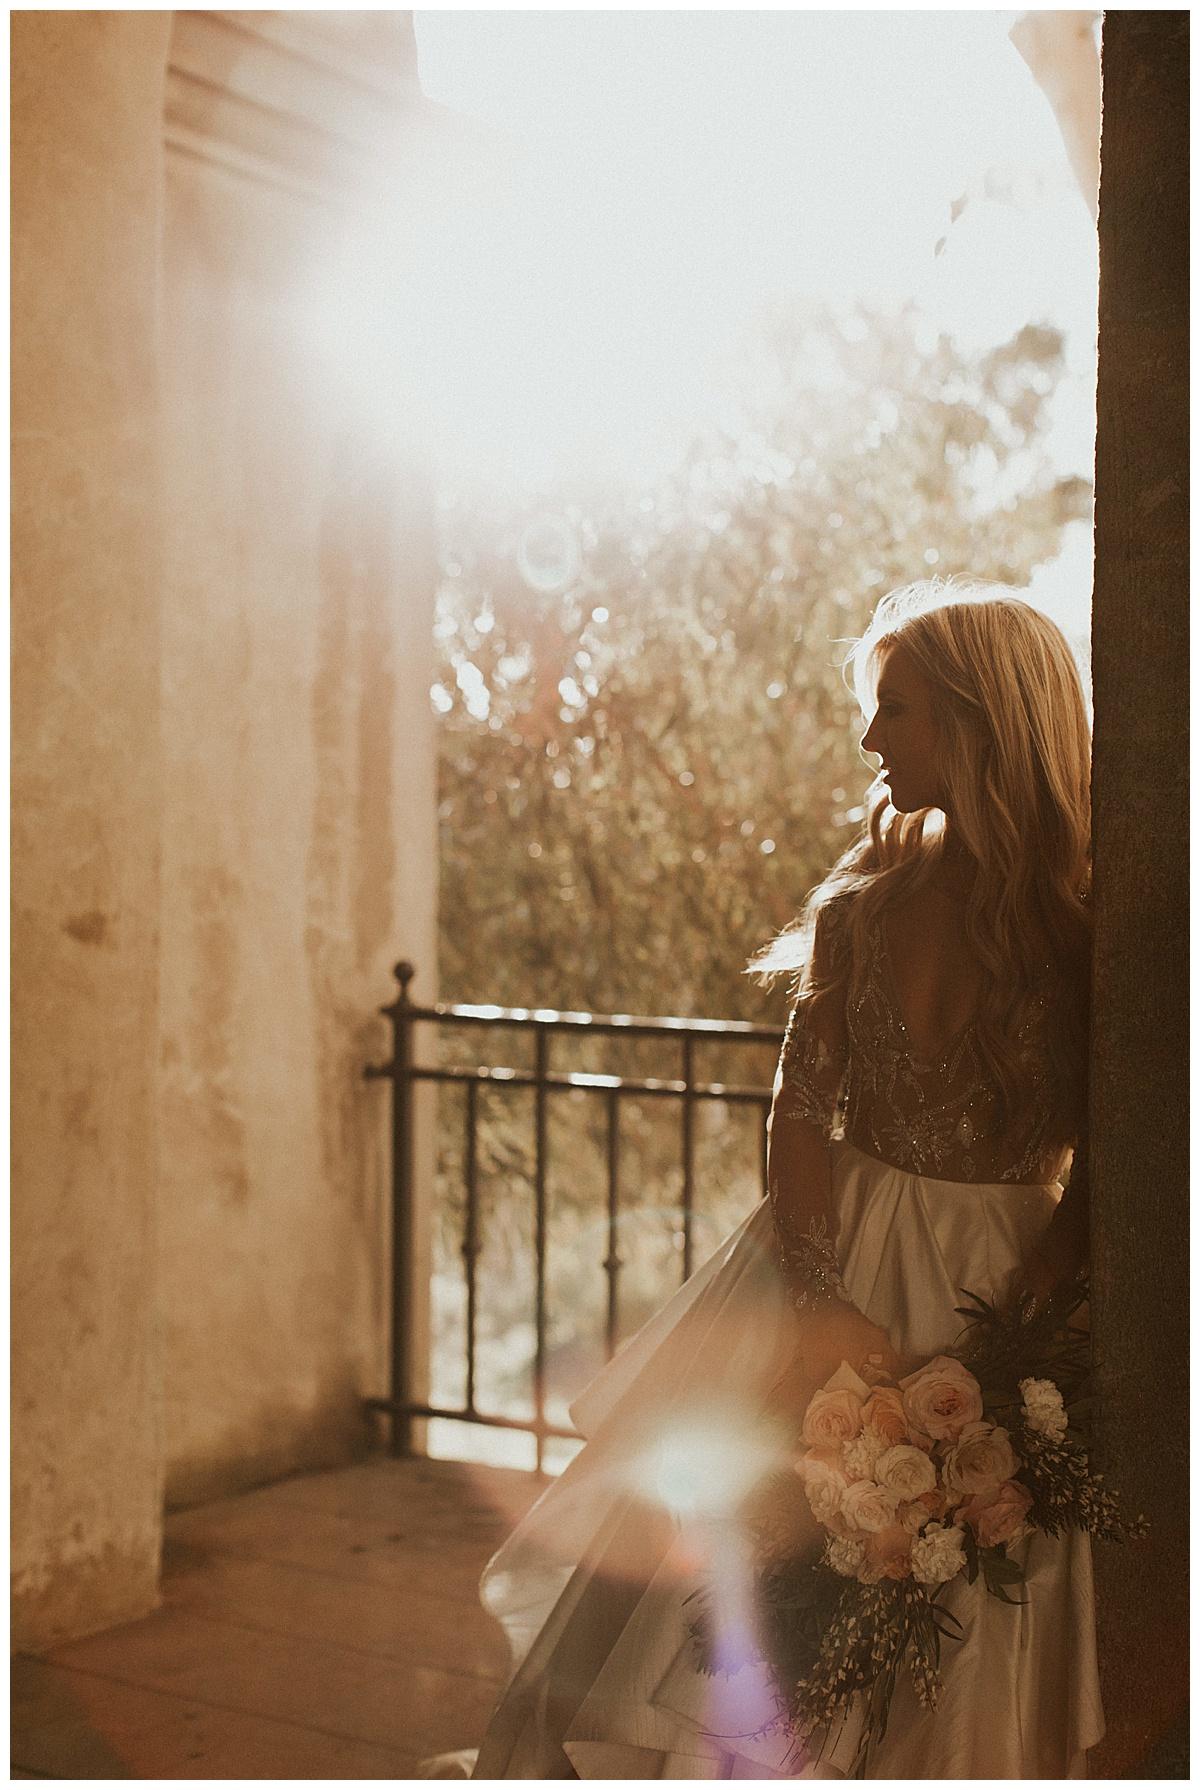 Bixby+Pine-Sarah-Anne-Photography-Balboa-Park-San-Diego-Californai_0031.jpg